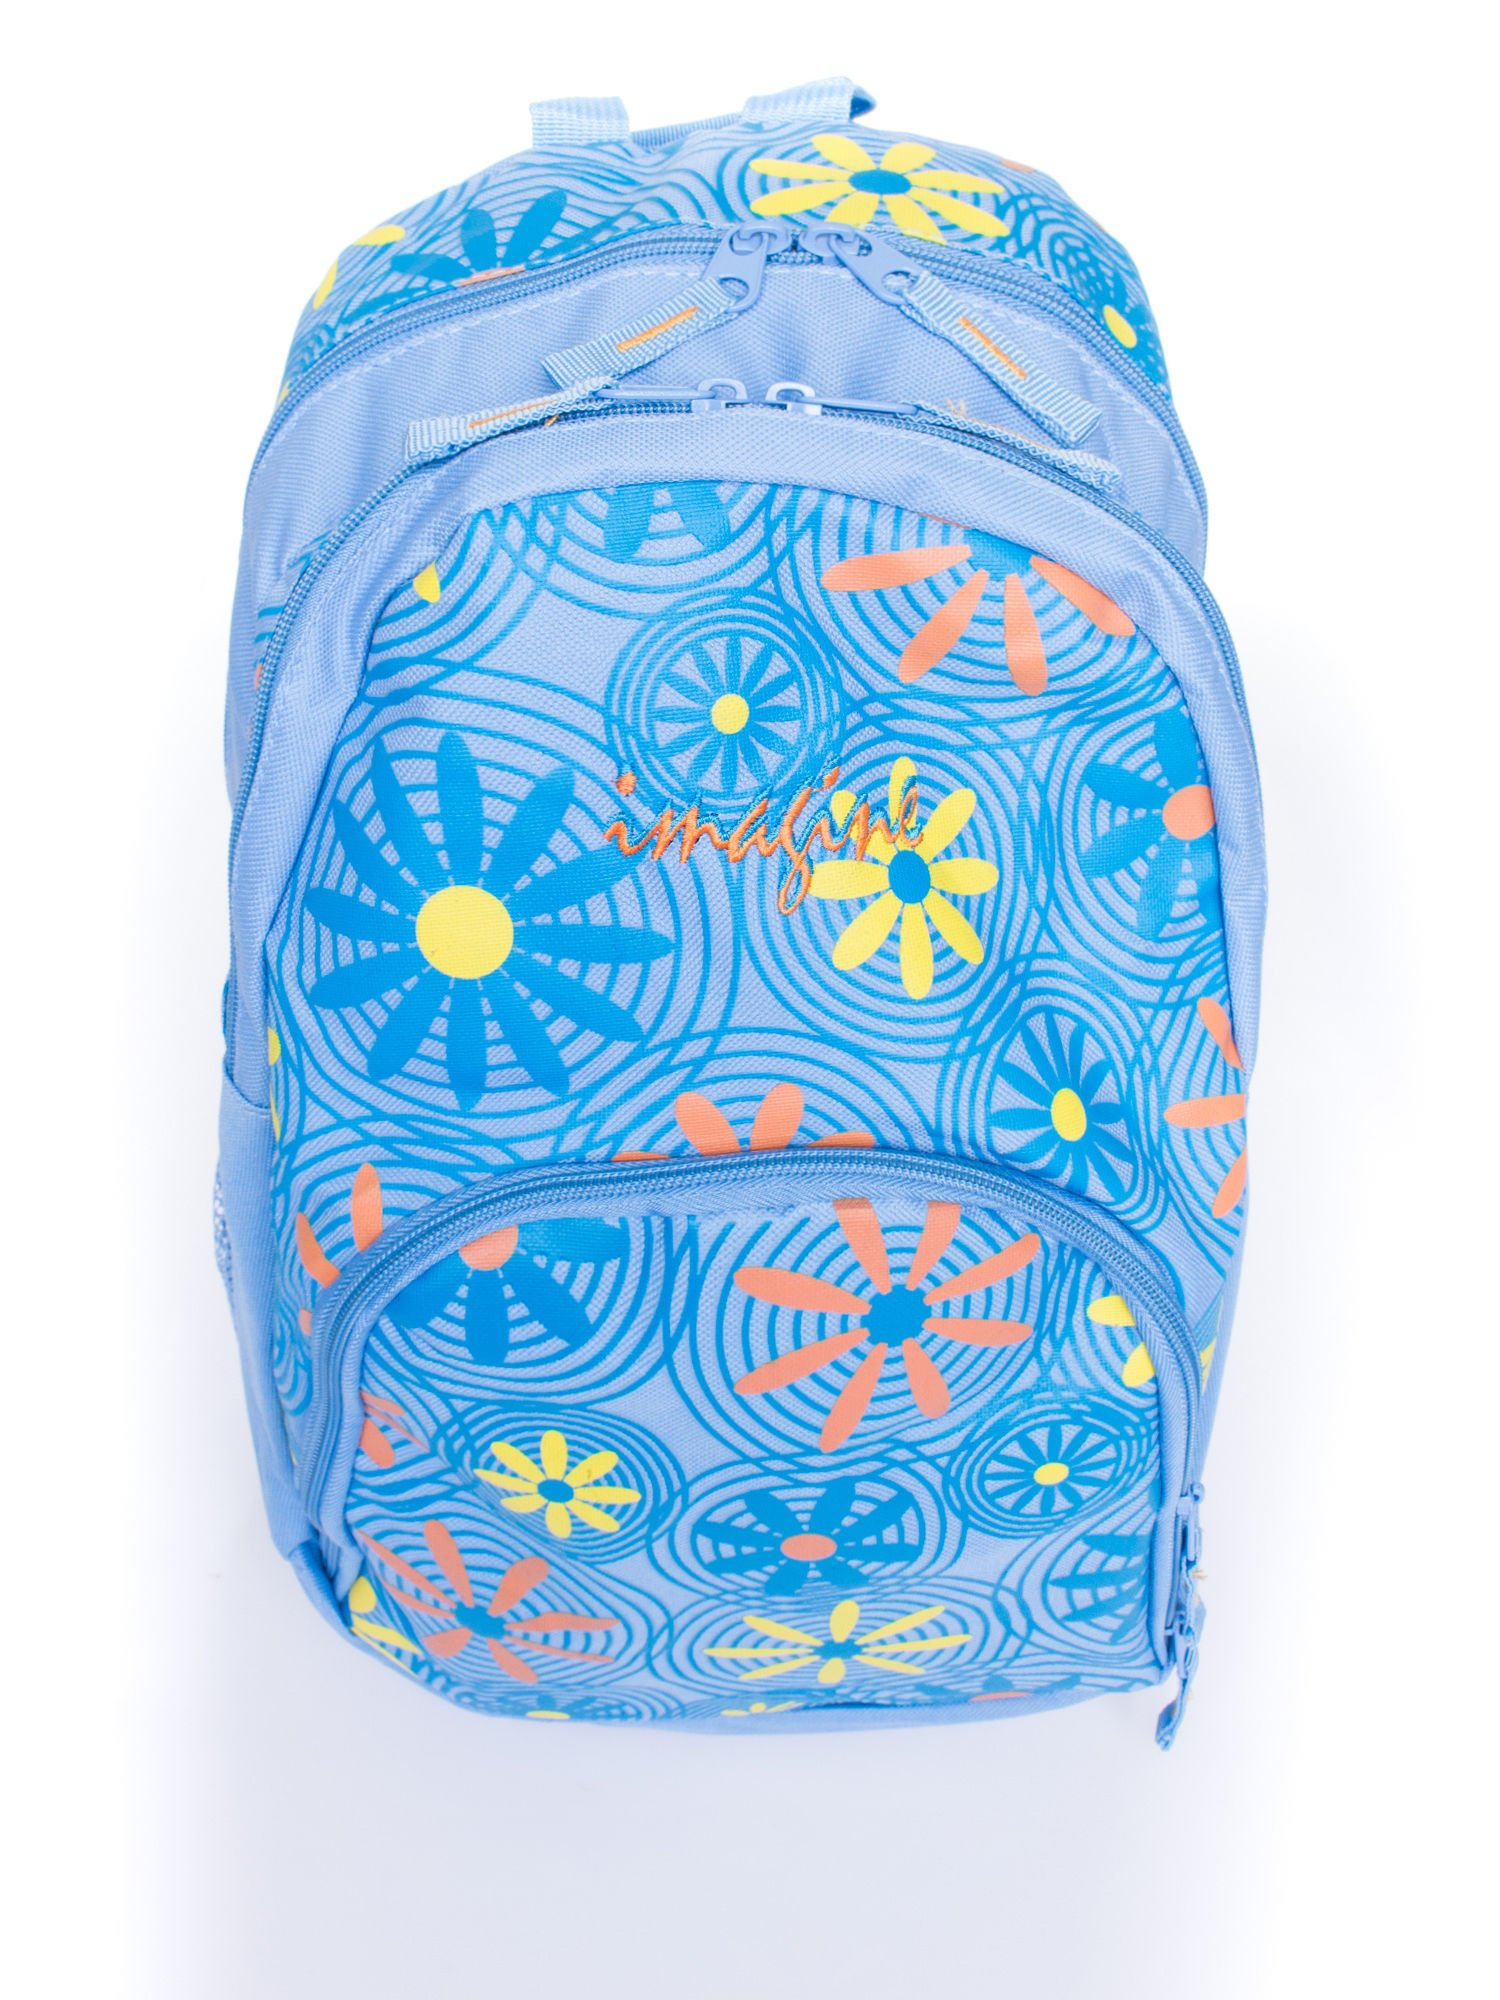 Plecak szkolny DISNEY z motywem kwiatowym                                  zdj.                                  5